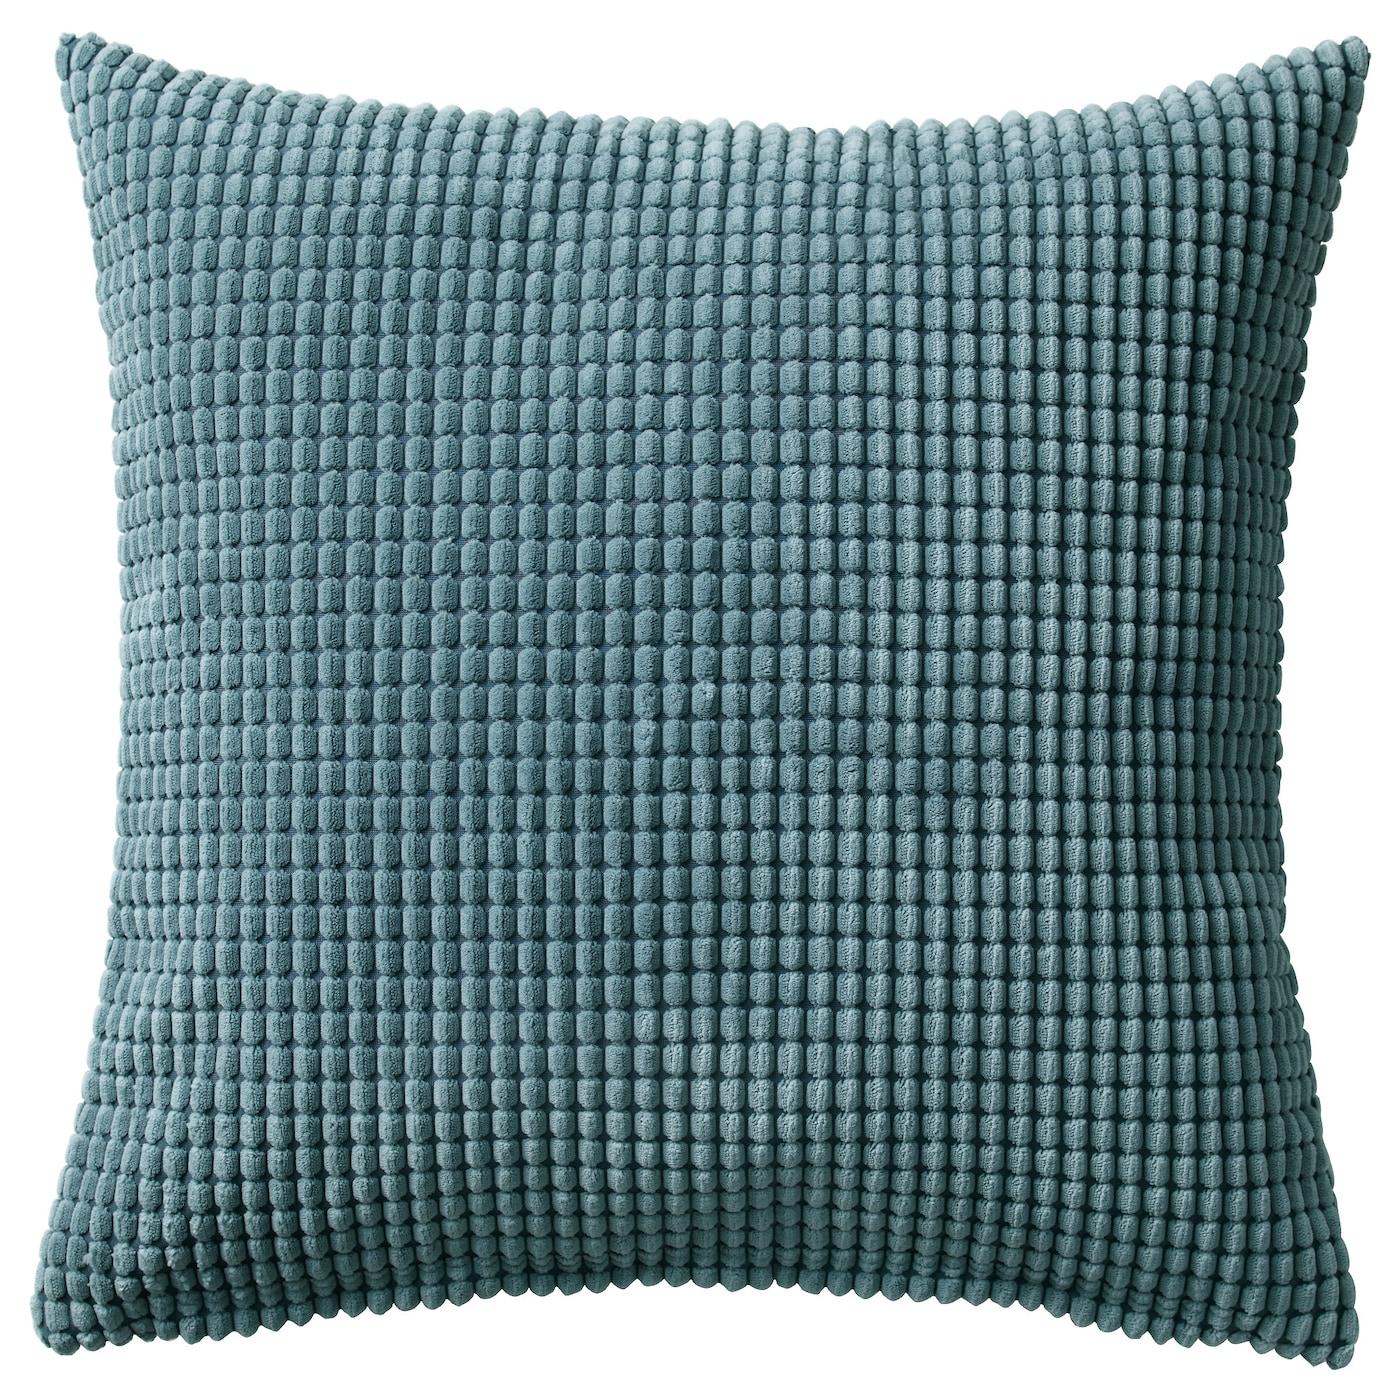 GULLKLOCKA Cushion cover Blue grey 50x50 cm IKEA